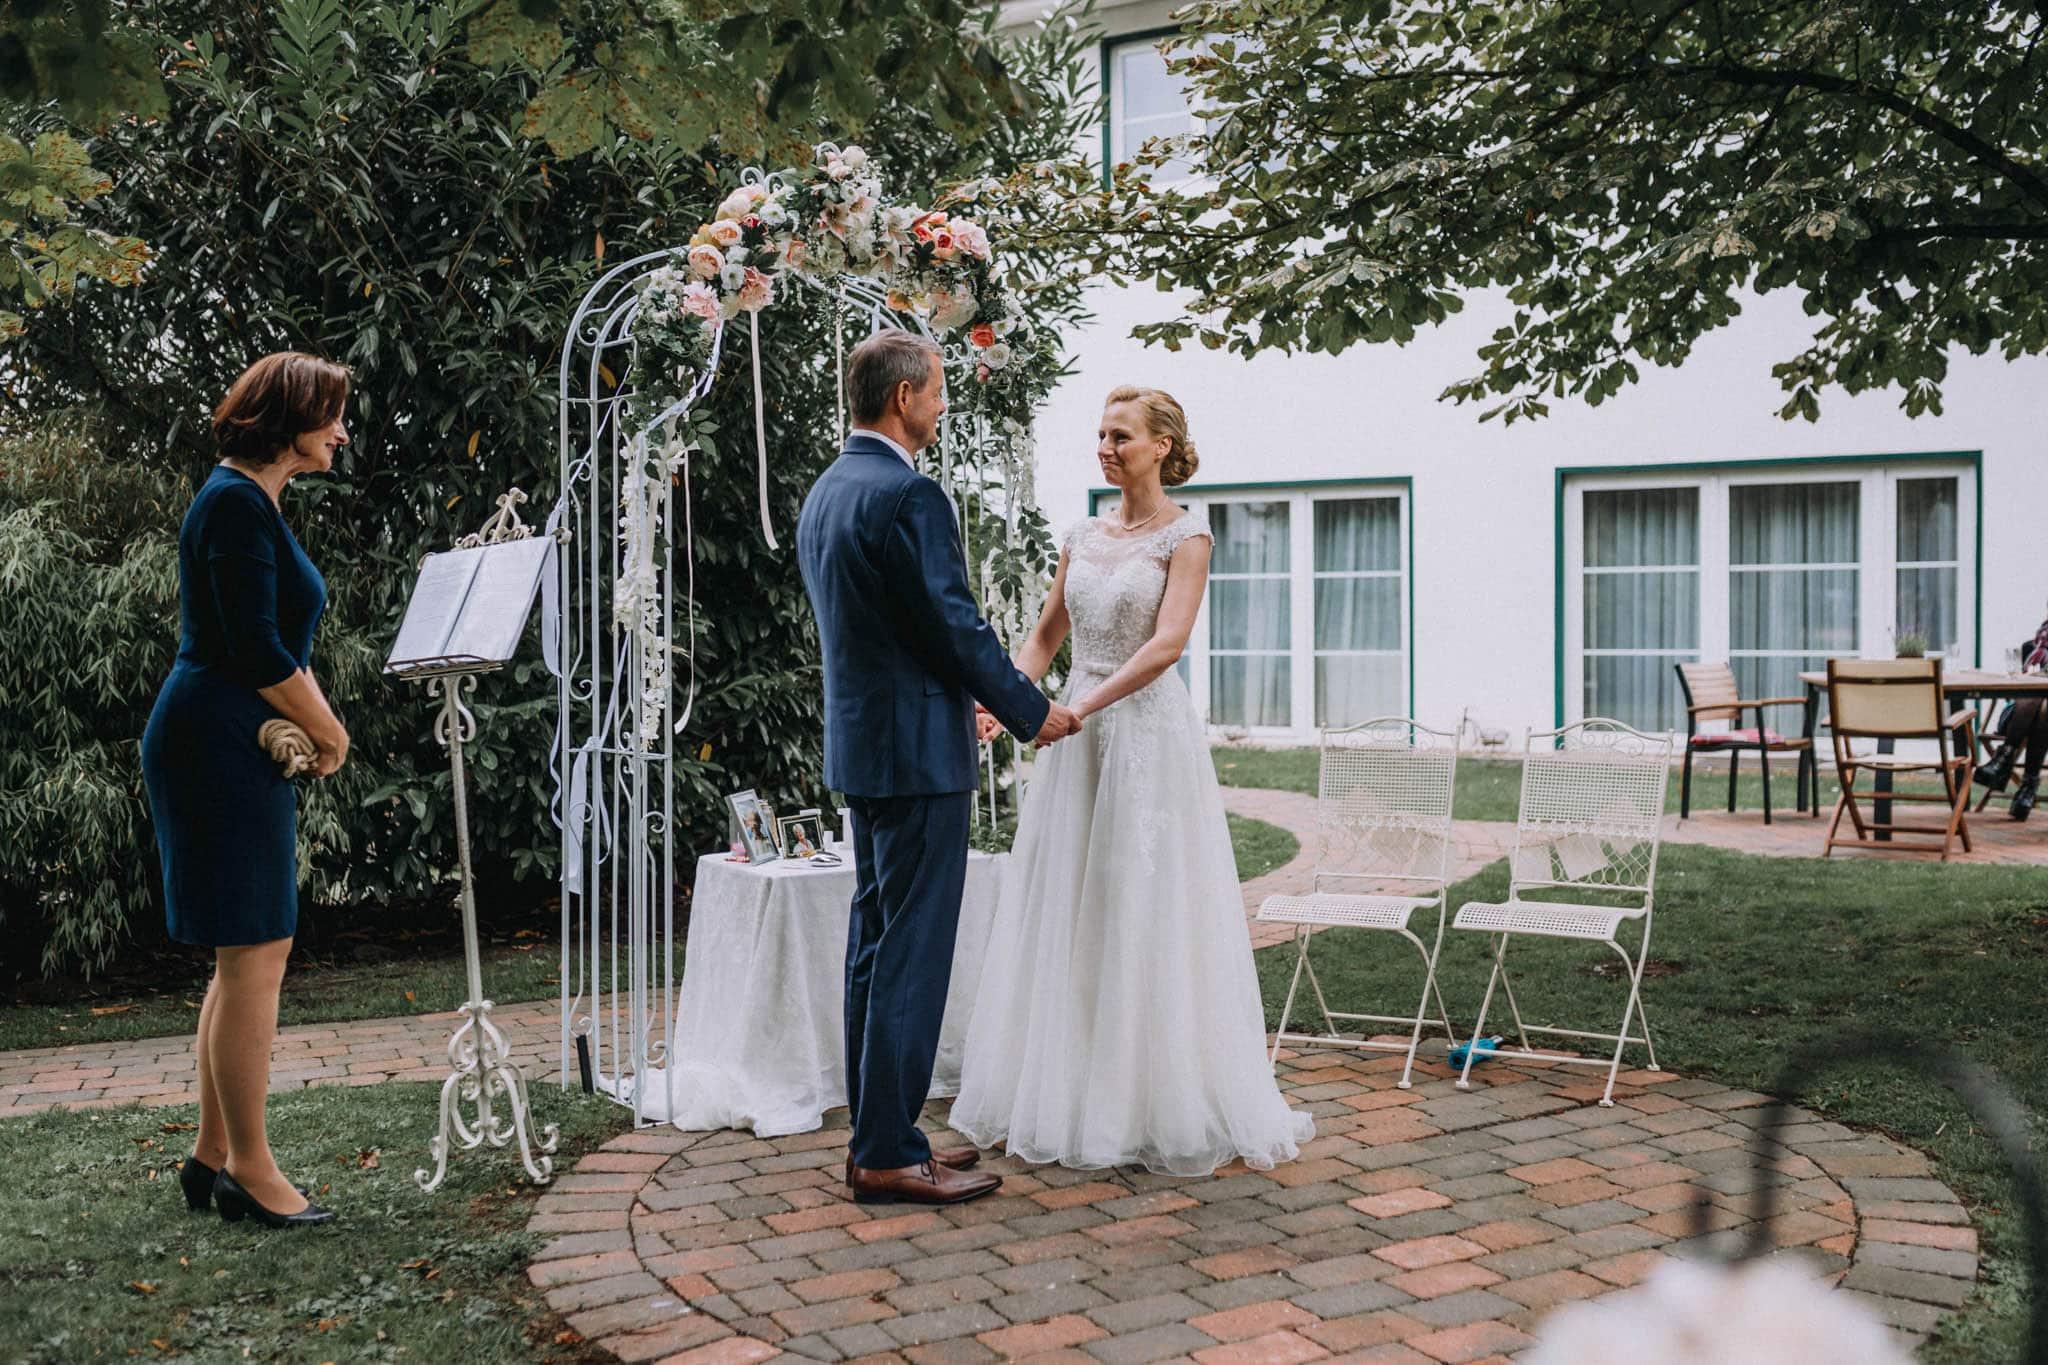 Hochzeitsfieber by Photo-Schomburg, Hochzeitsfotograf, Hamburg,Hochzeitstag, Hochzeitspaar, Braut, Bräutigam, Kaltenkirchen-99